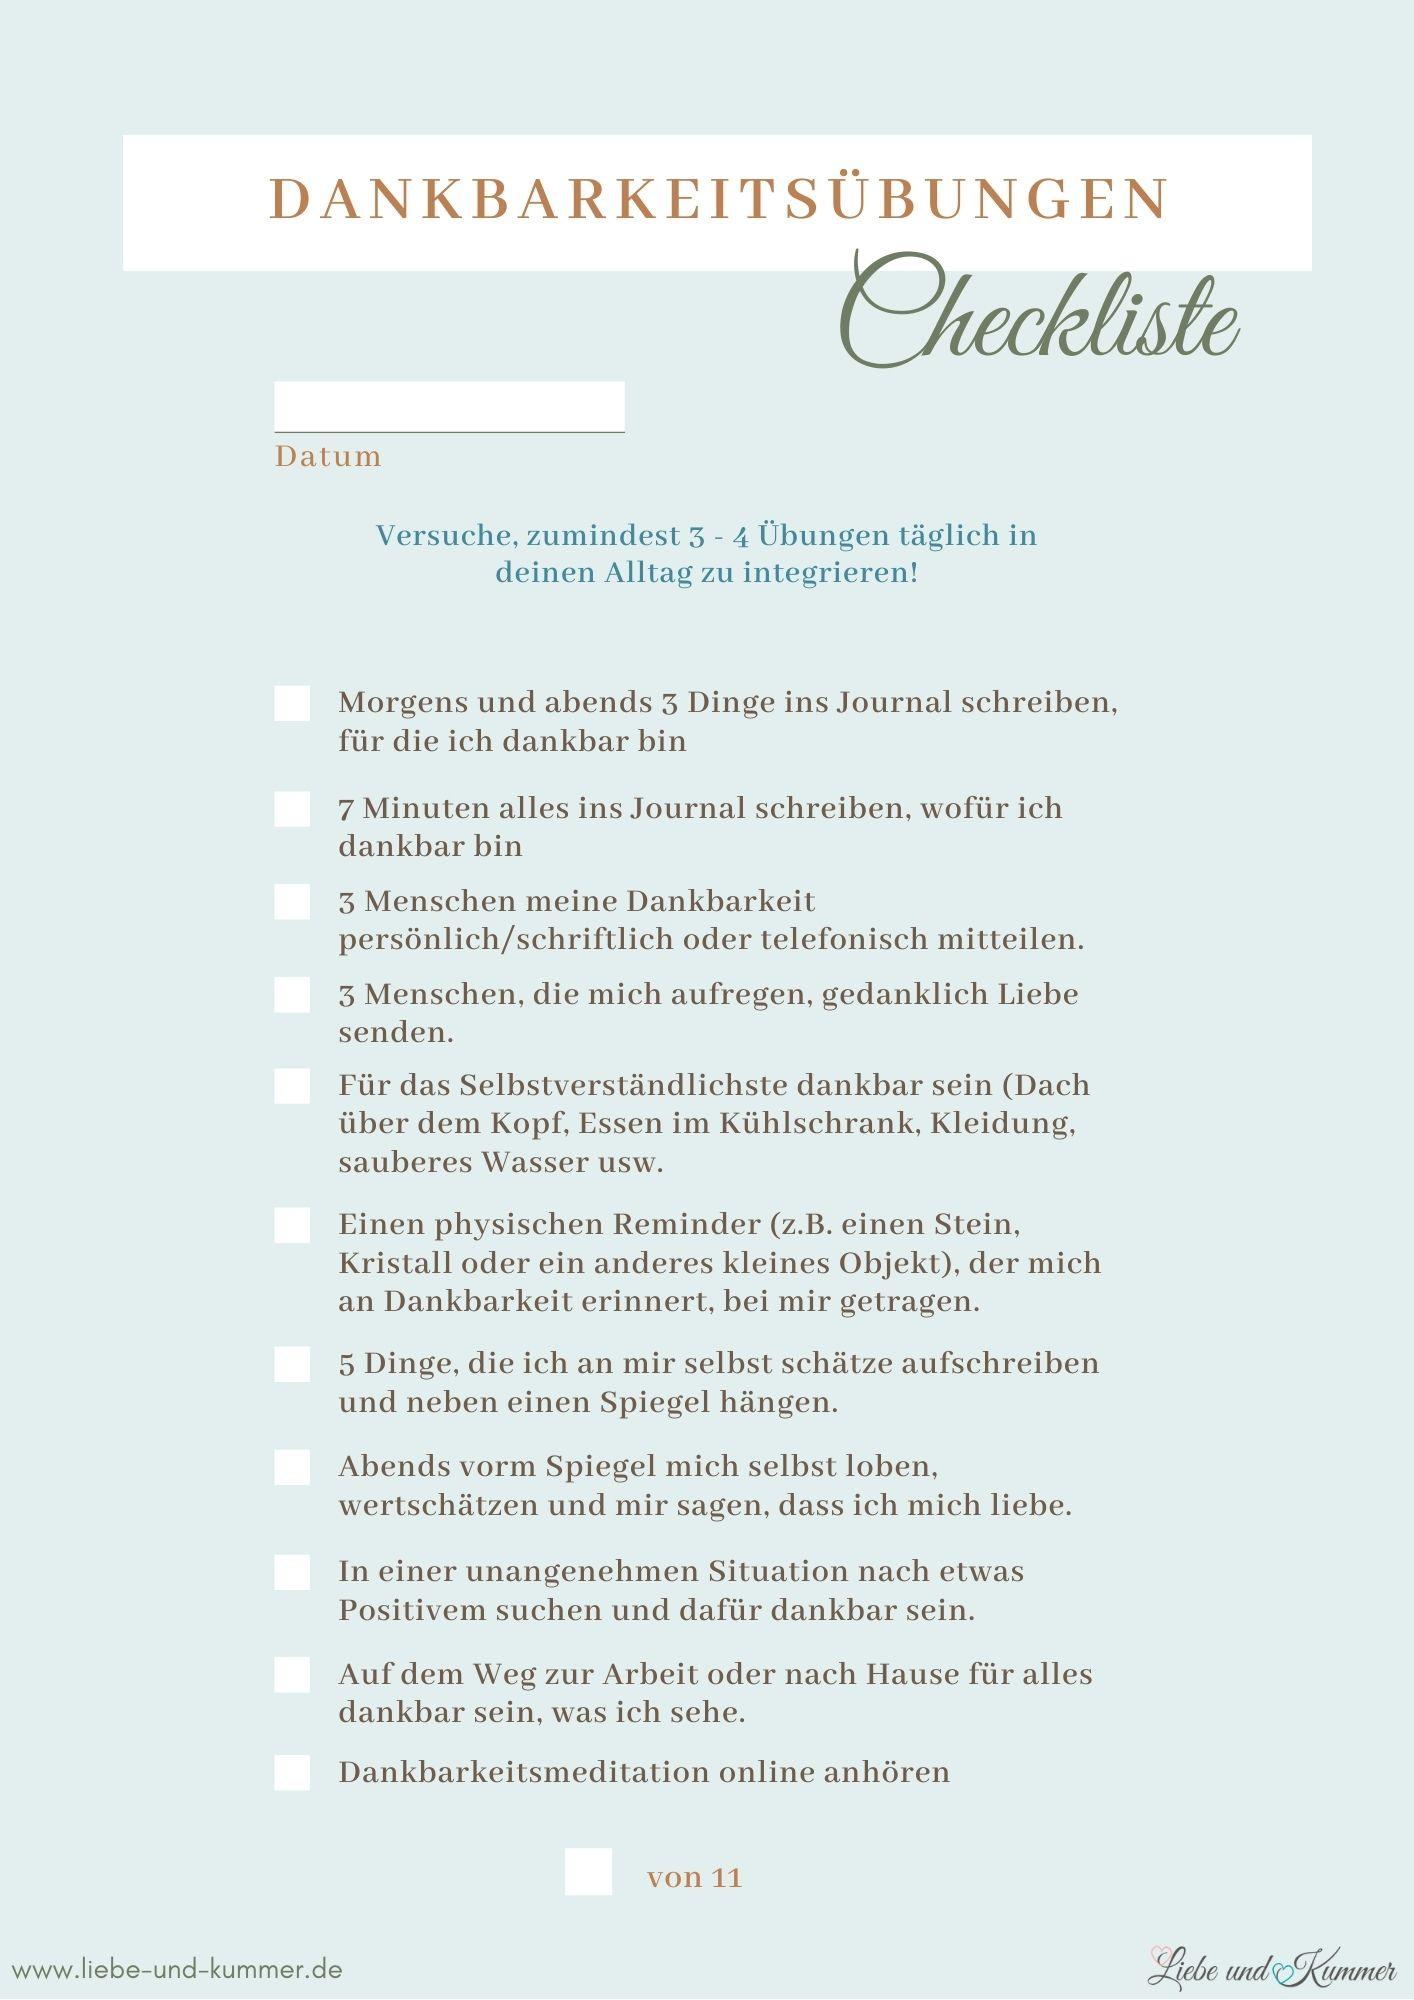 Dankbarkeitscheckliste